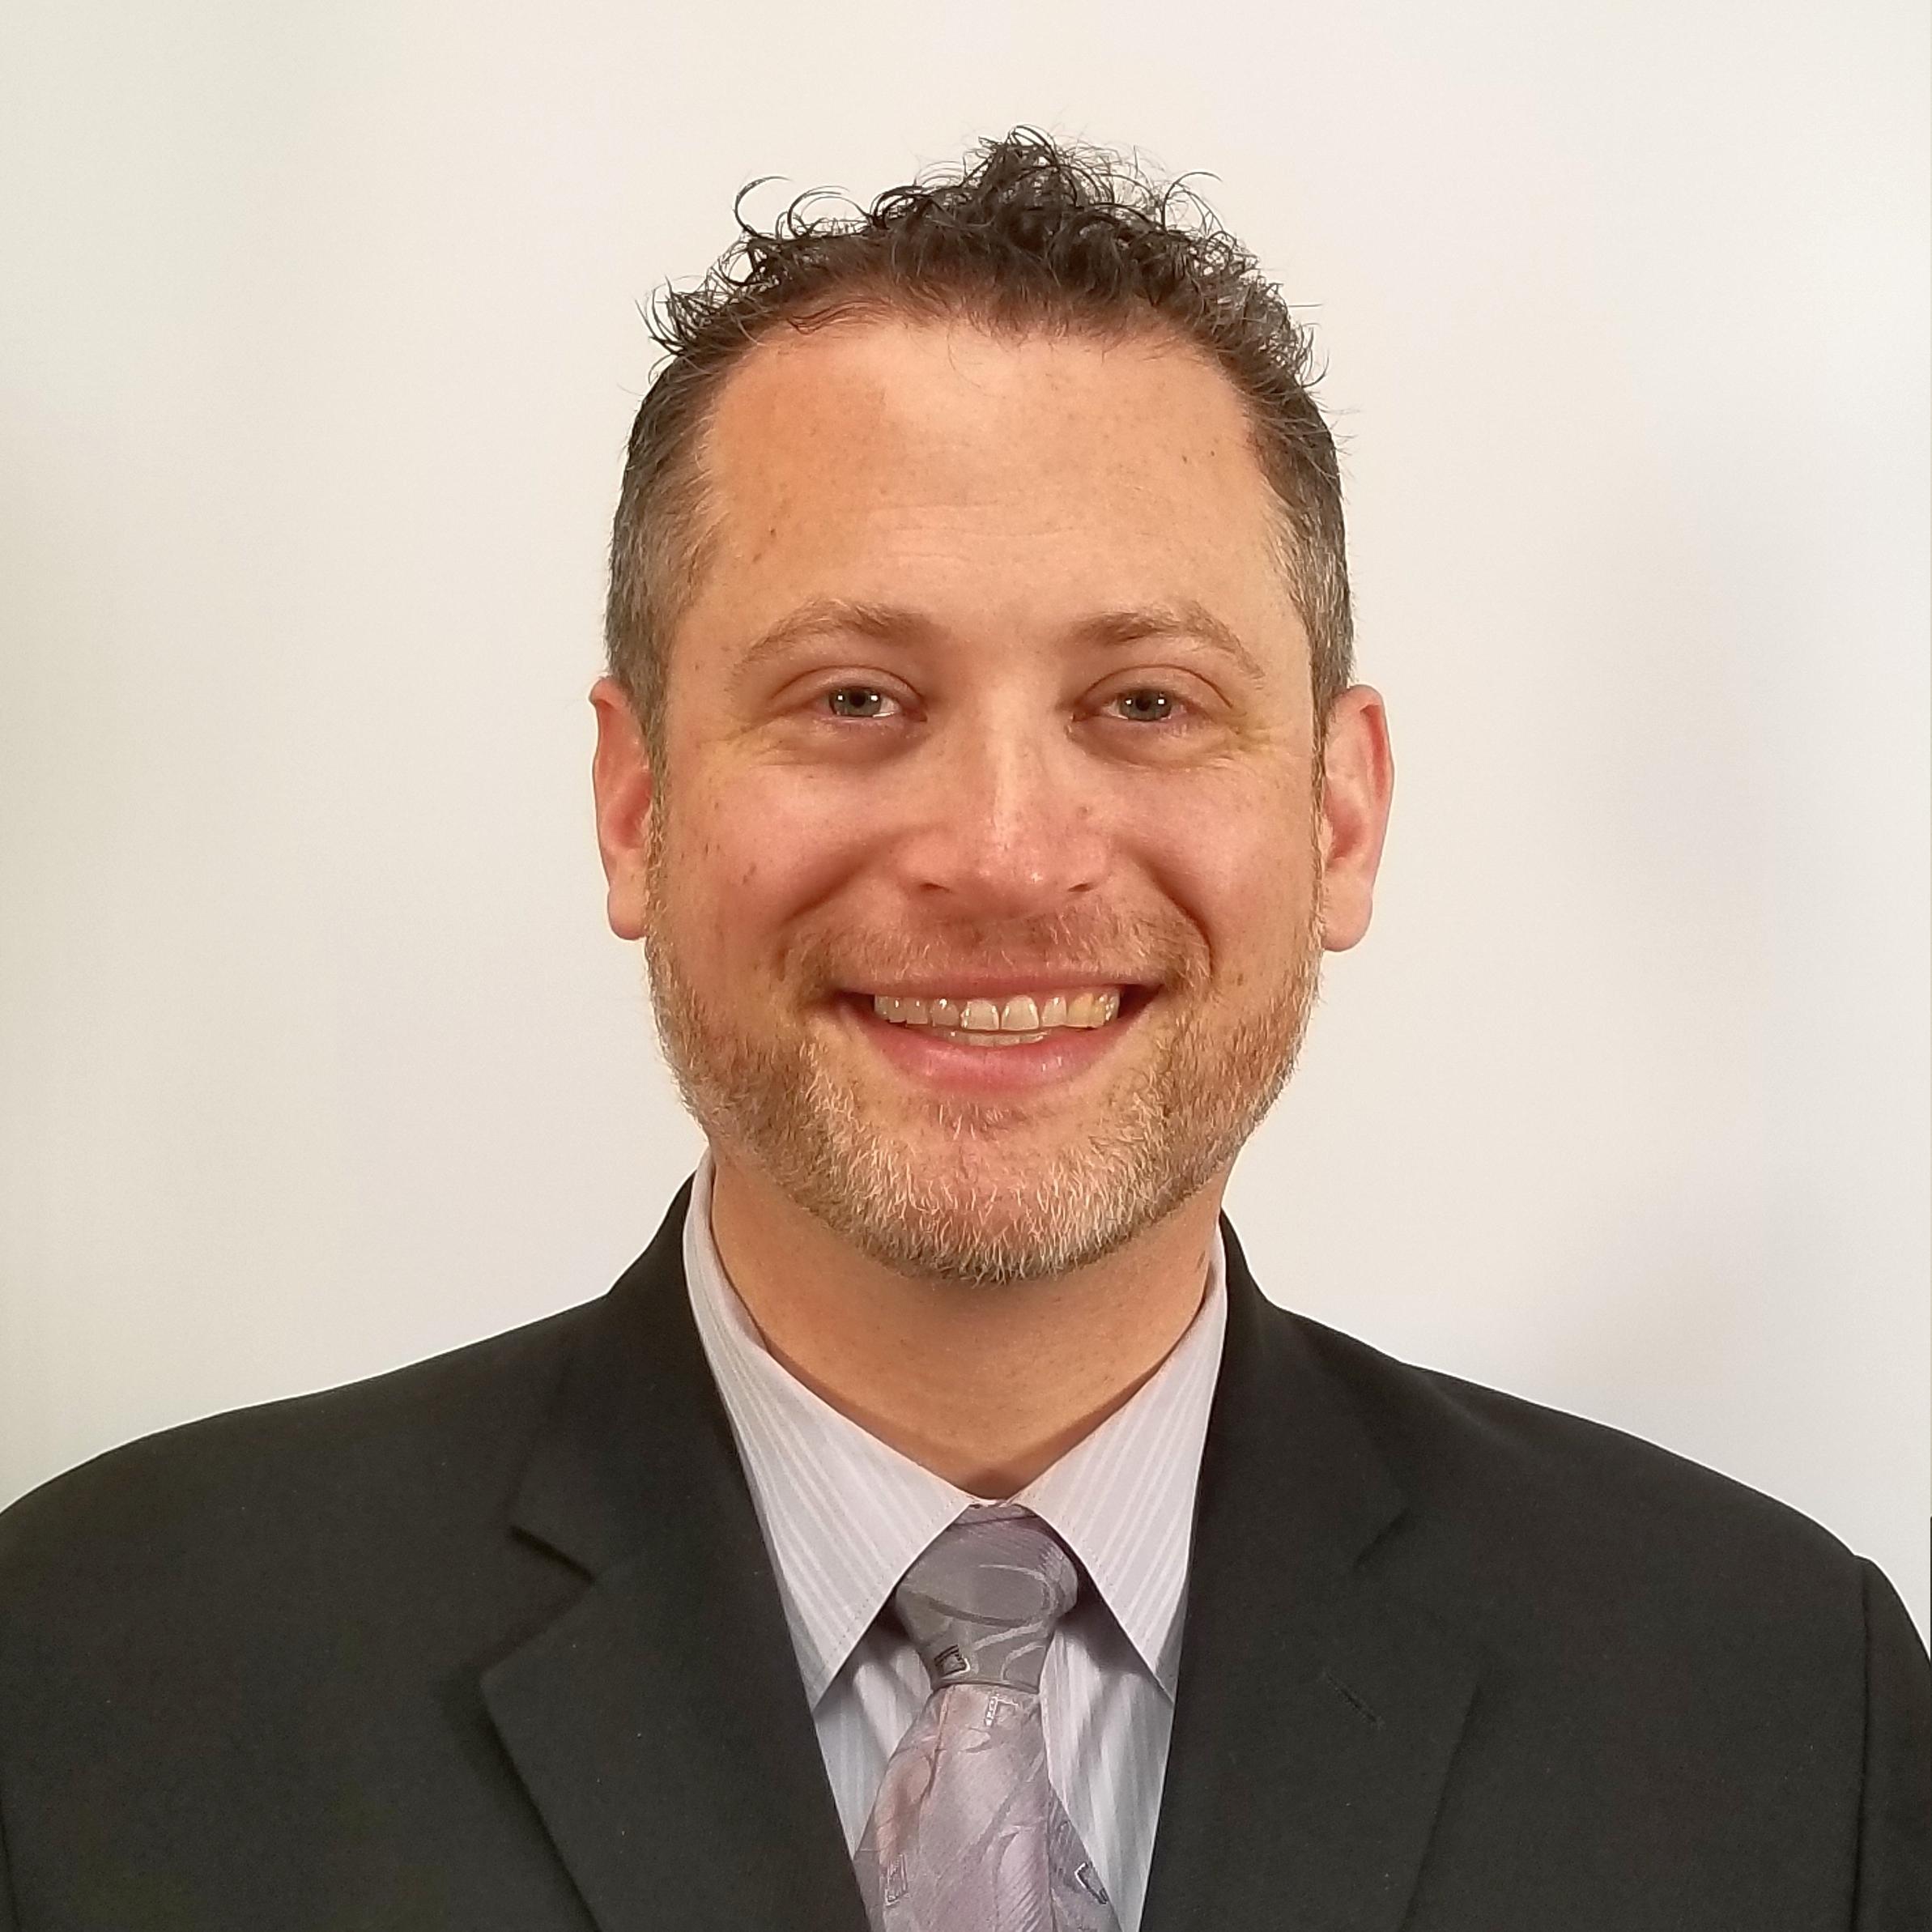 Josh Corwin, MS, PA-C